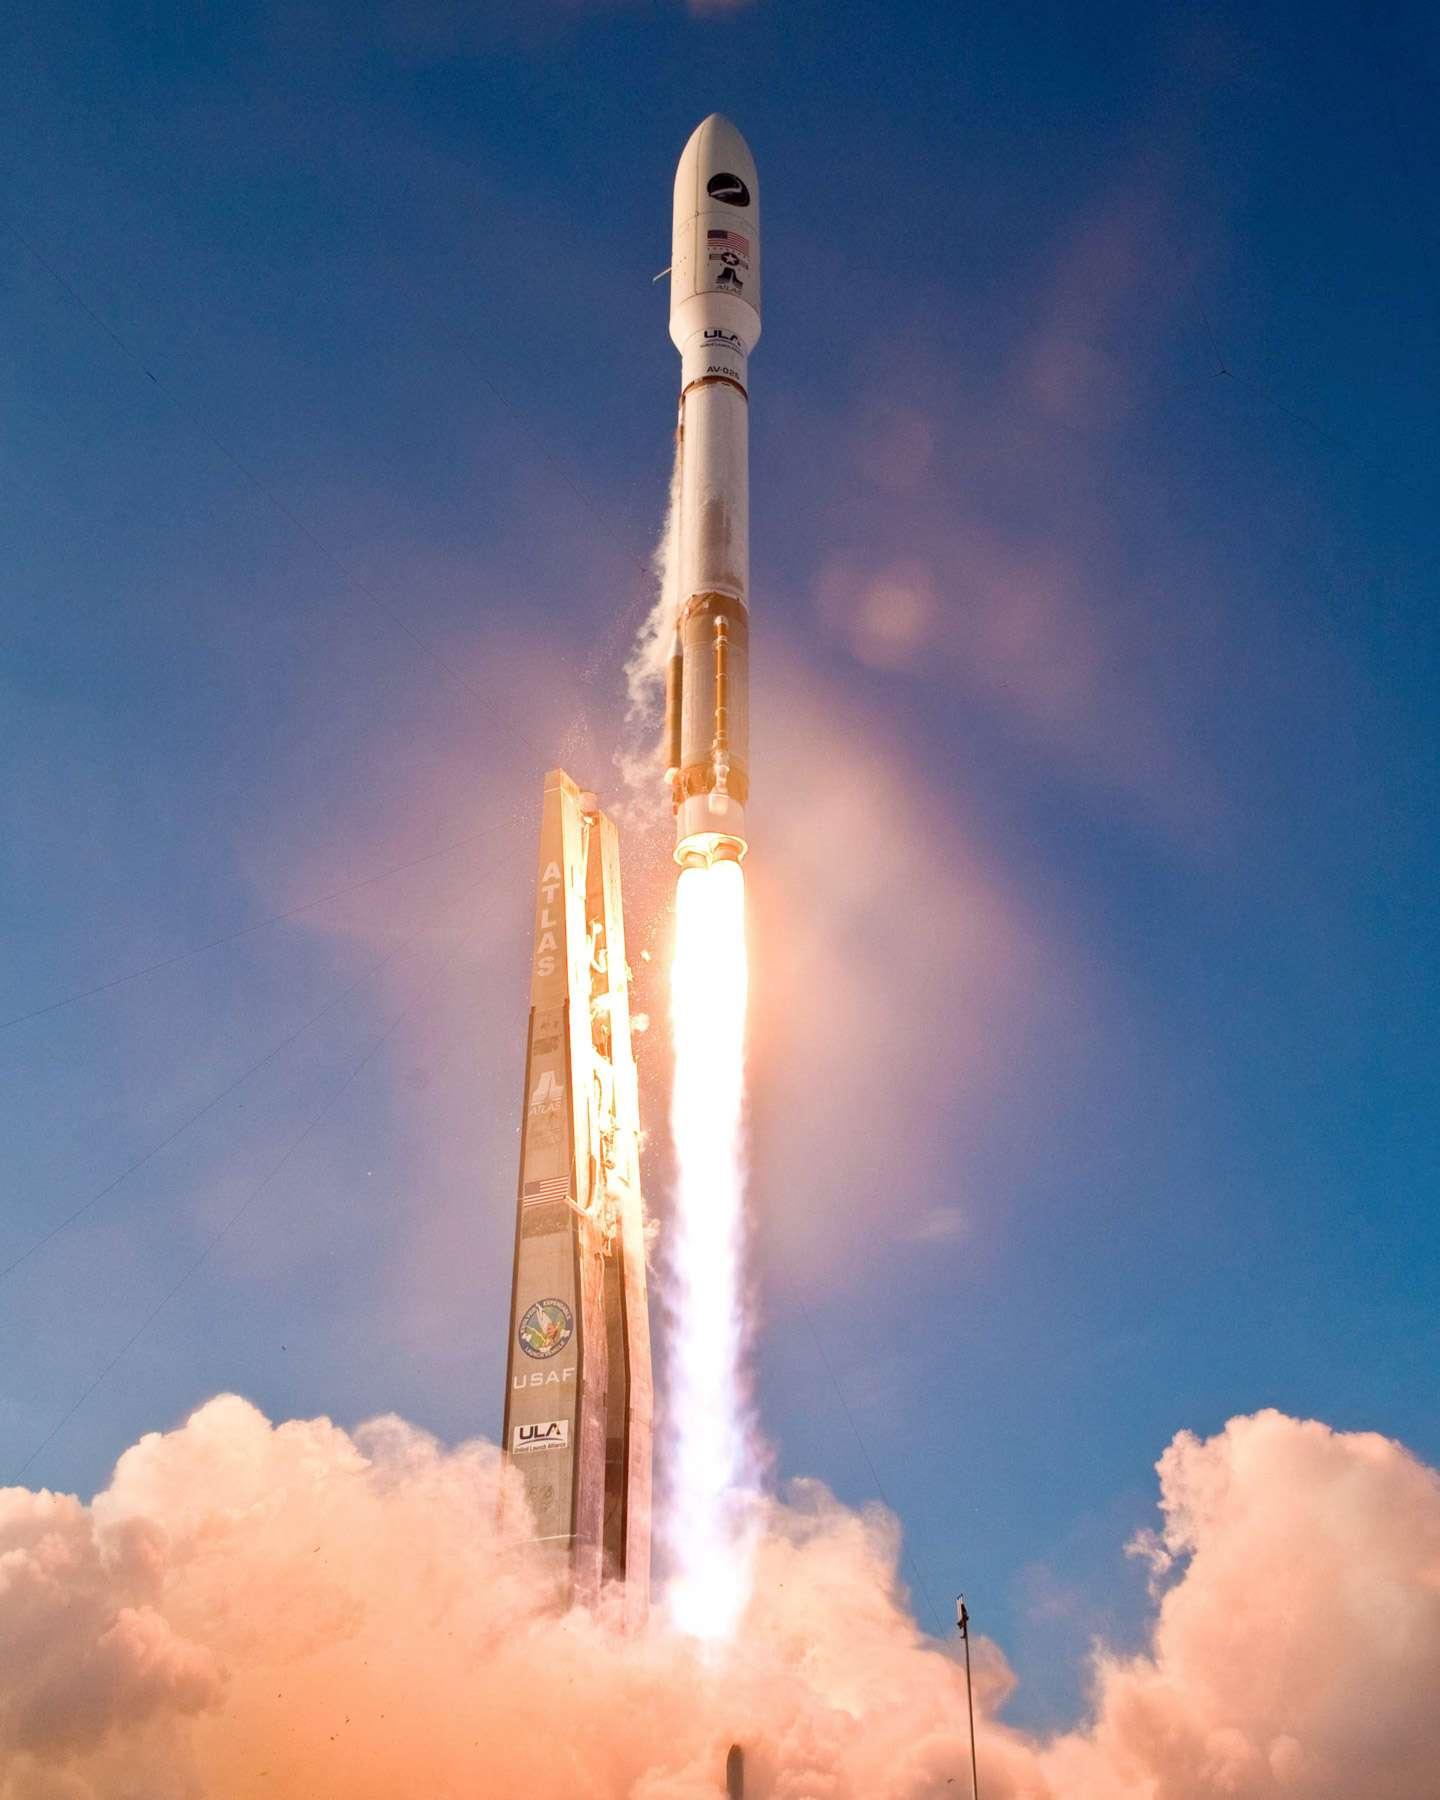 Lancement réussi du deuxième véhicule de test orbital (X-37B). Il devrait rester en orbite pendant au moins 270 jours avant de retourner sur Terre. © Boeing/Unitel launch Alliance